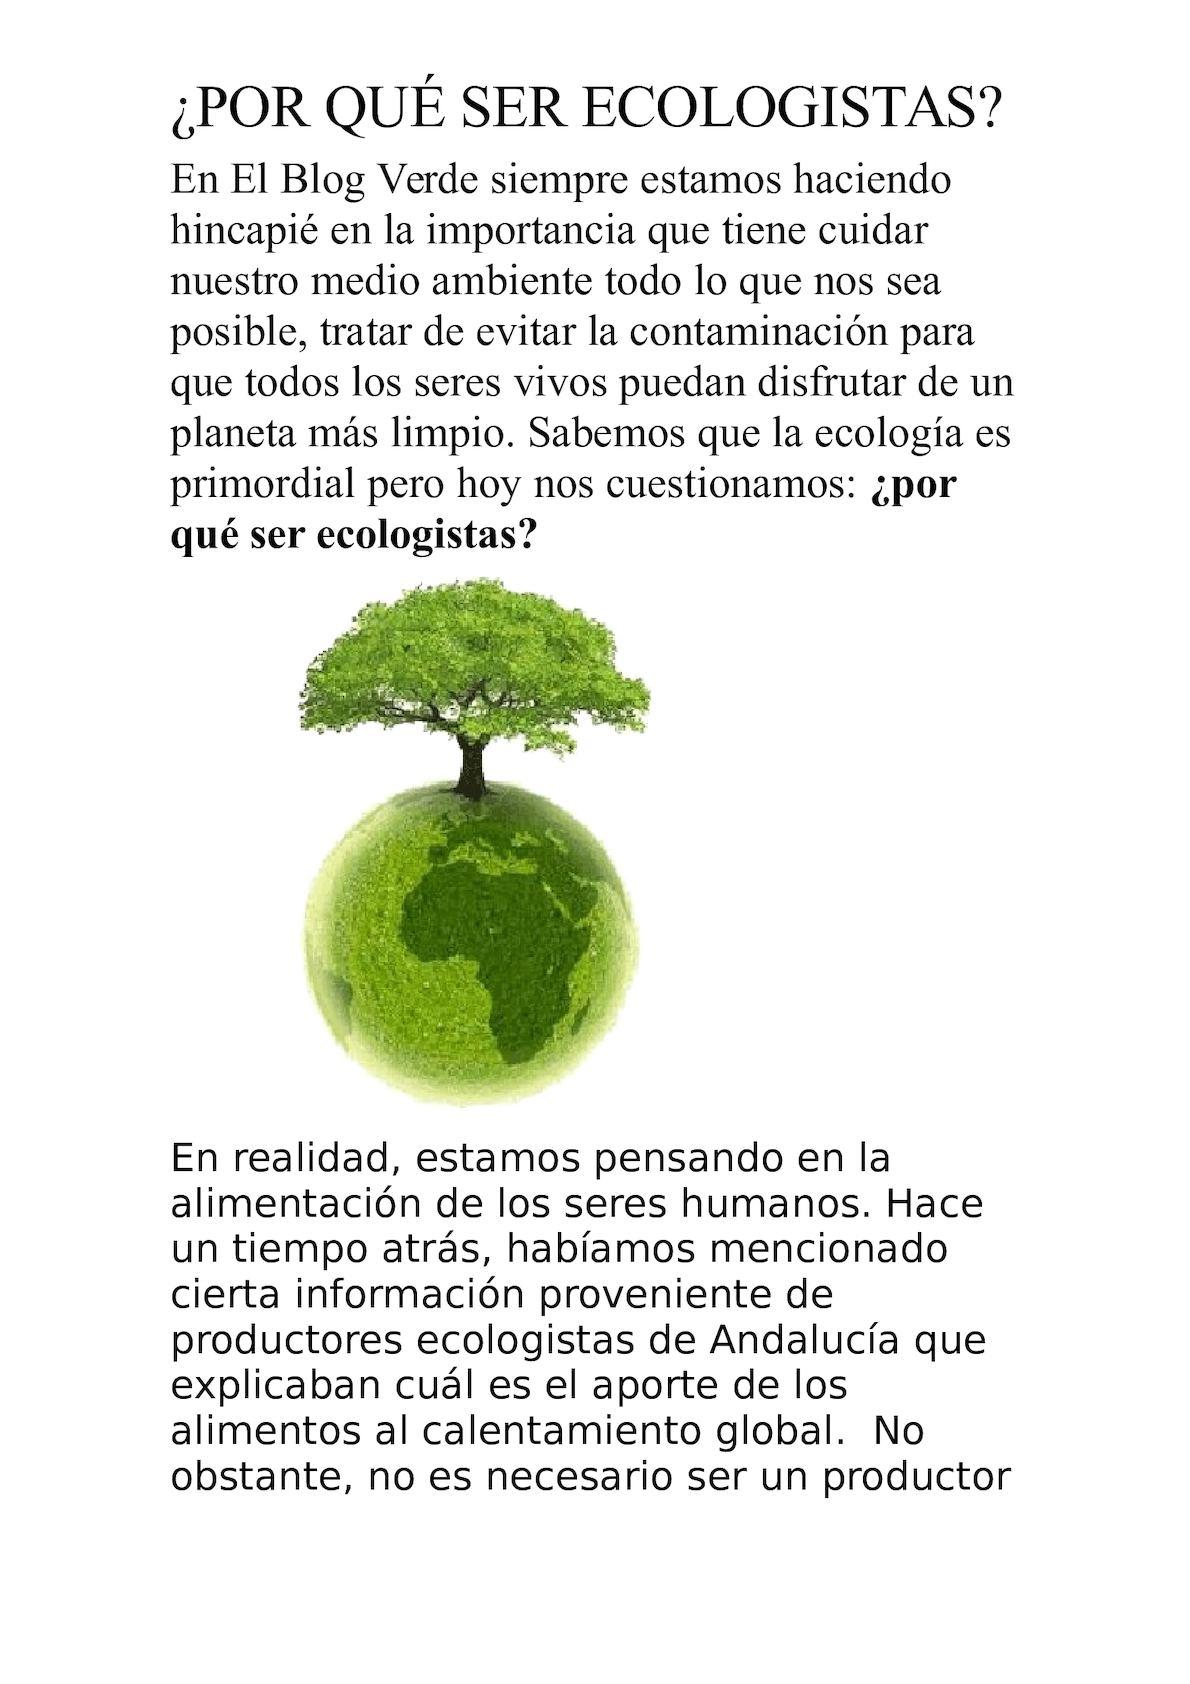 Por Qué Ser Ecologistas